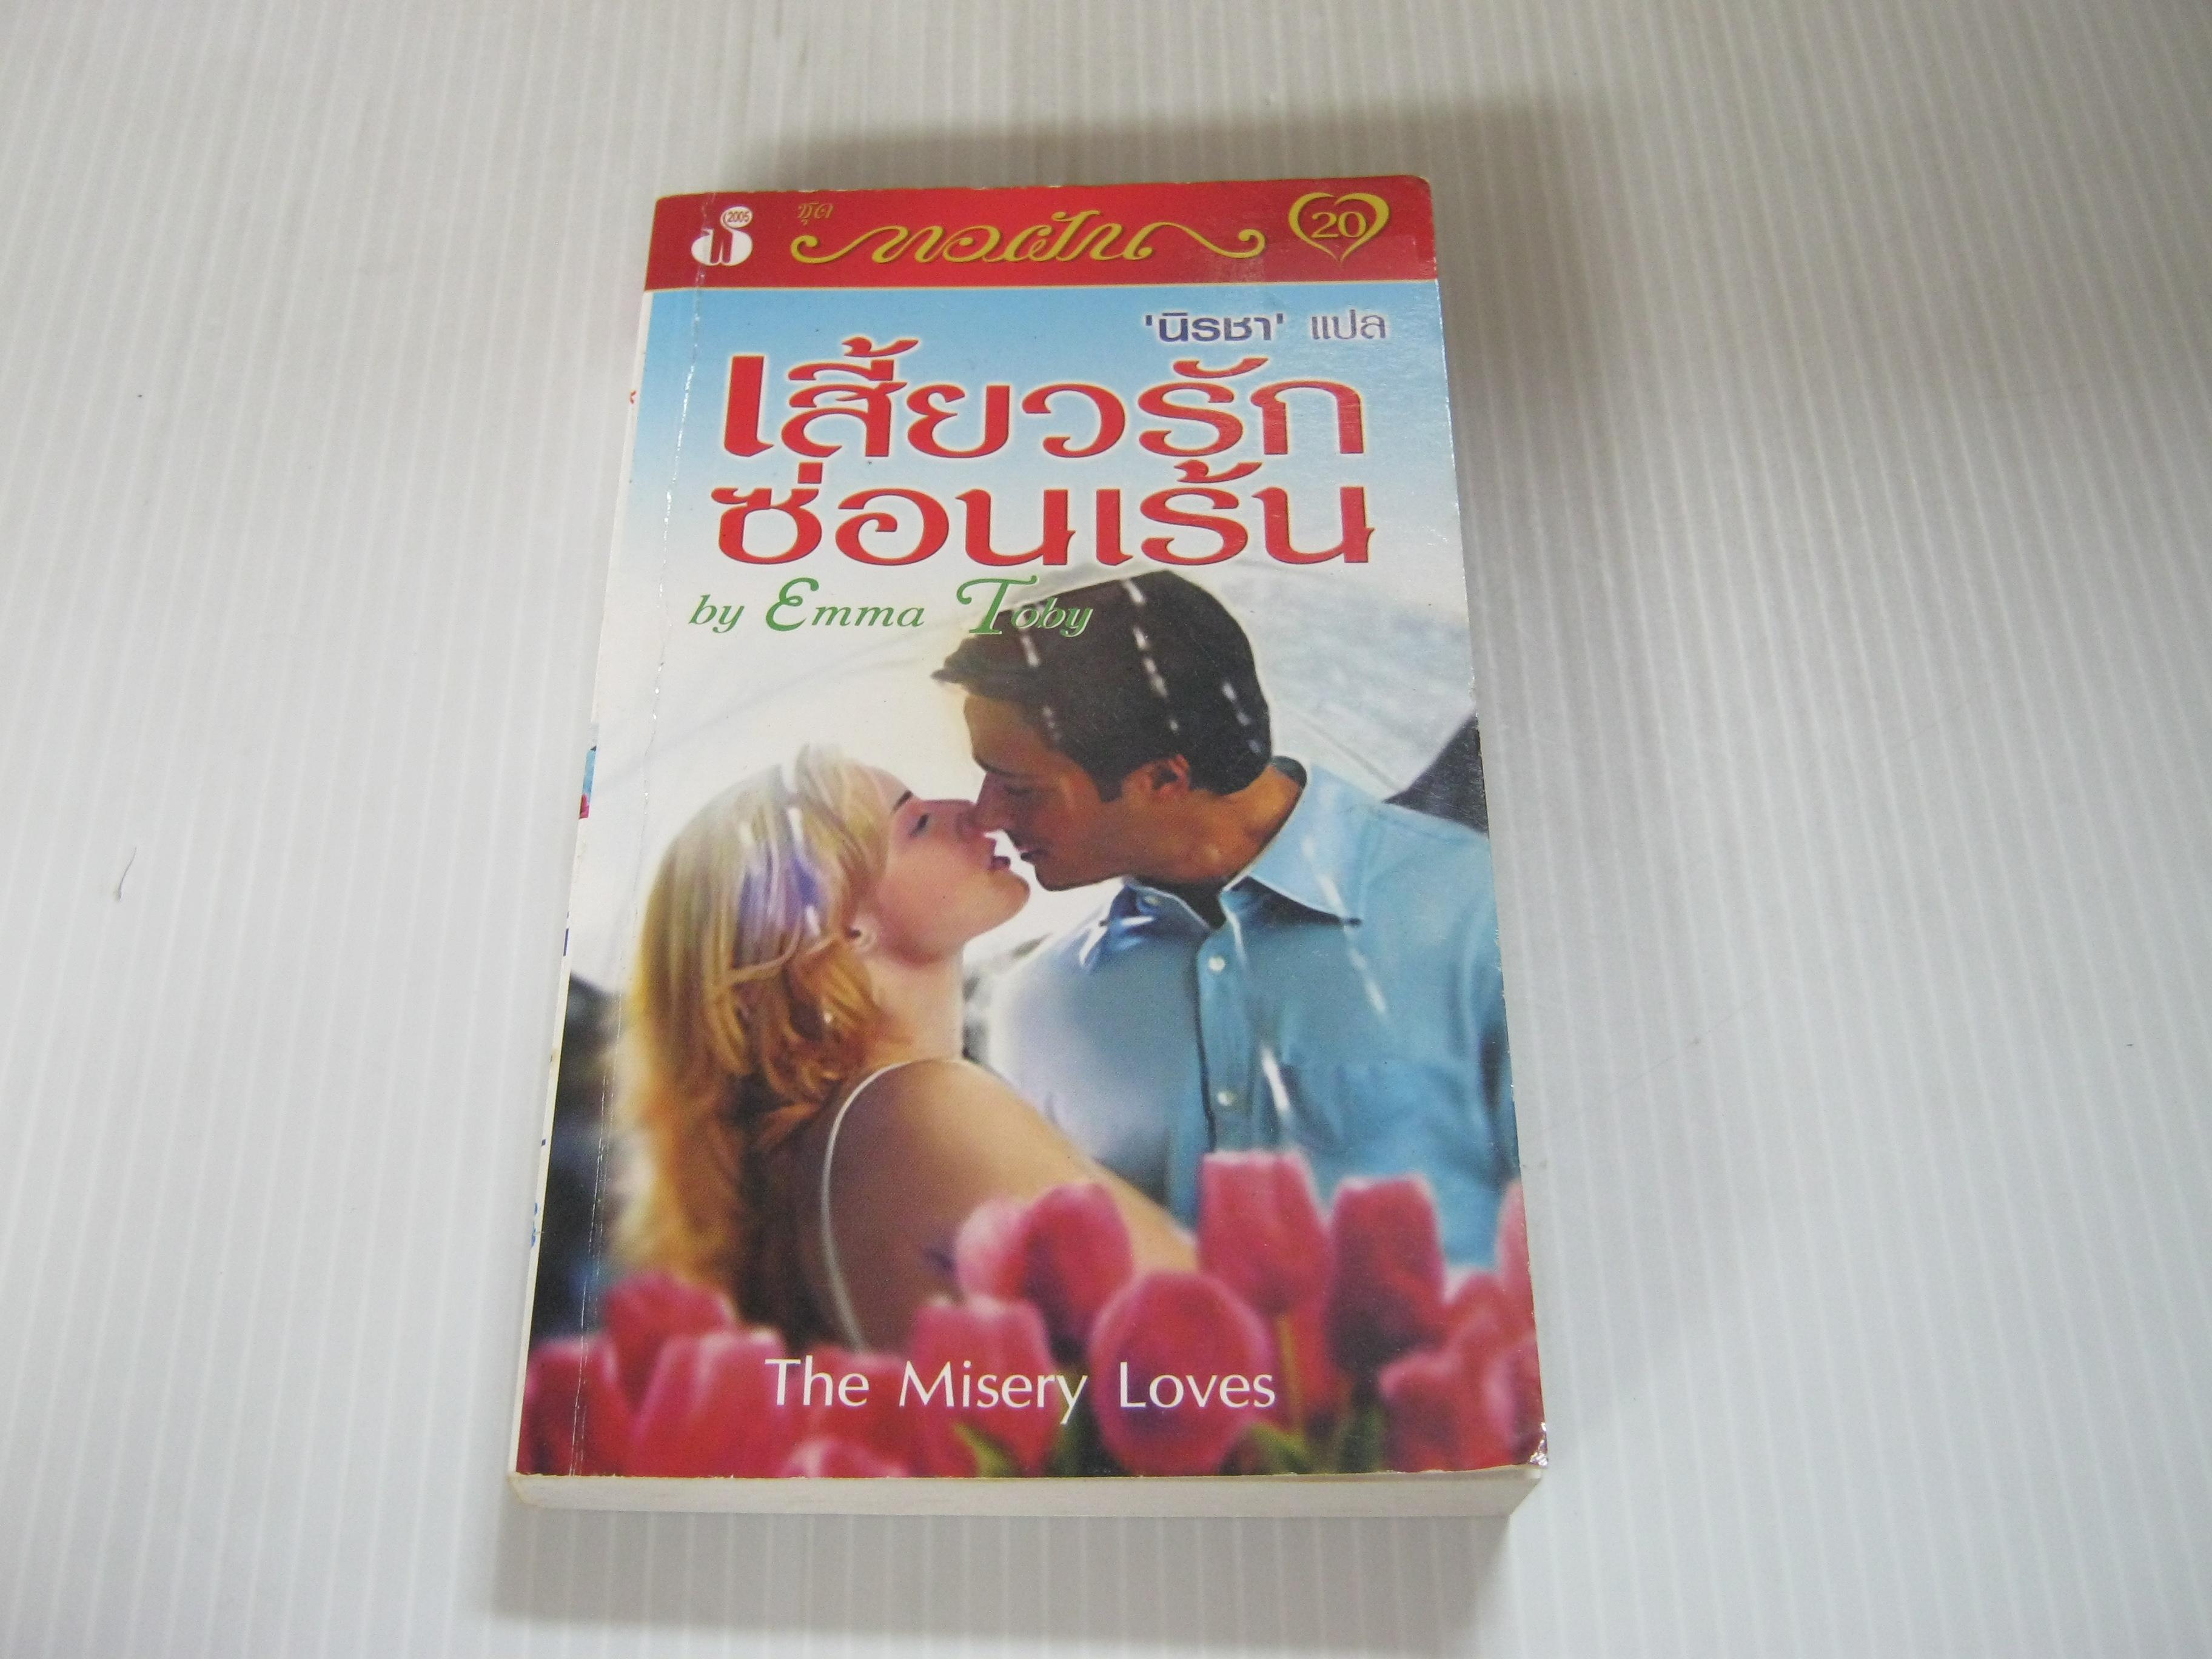 เสี้ยวรักซ่อนเร้น (The Misery Loves) Emma Toby เขียน นิรชา แปล